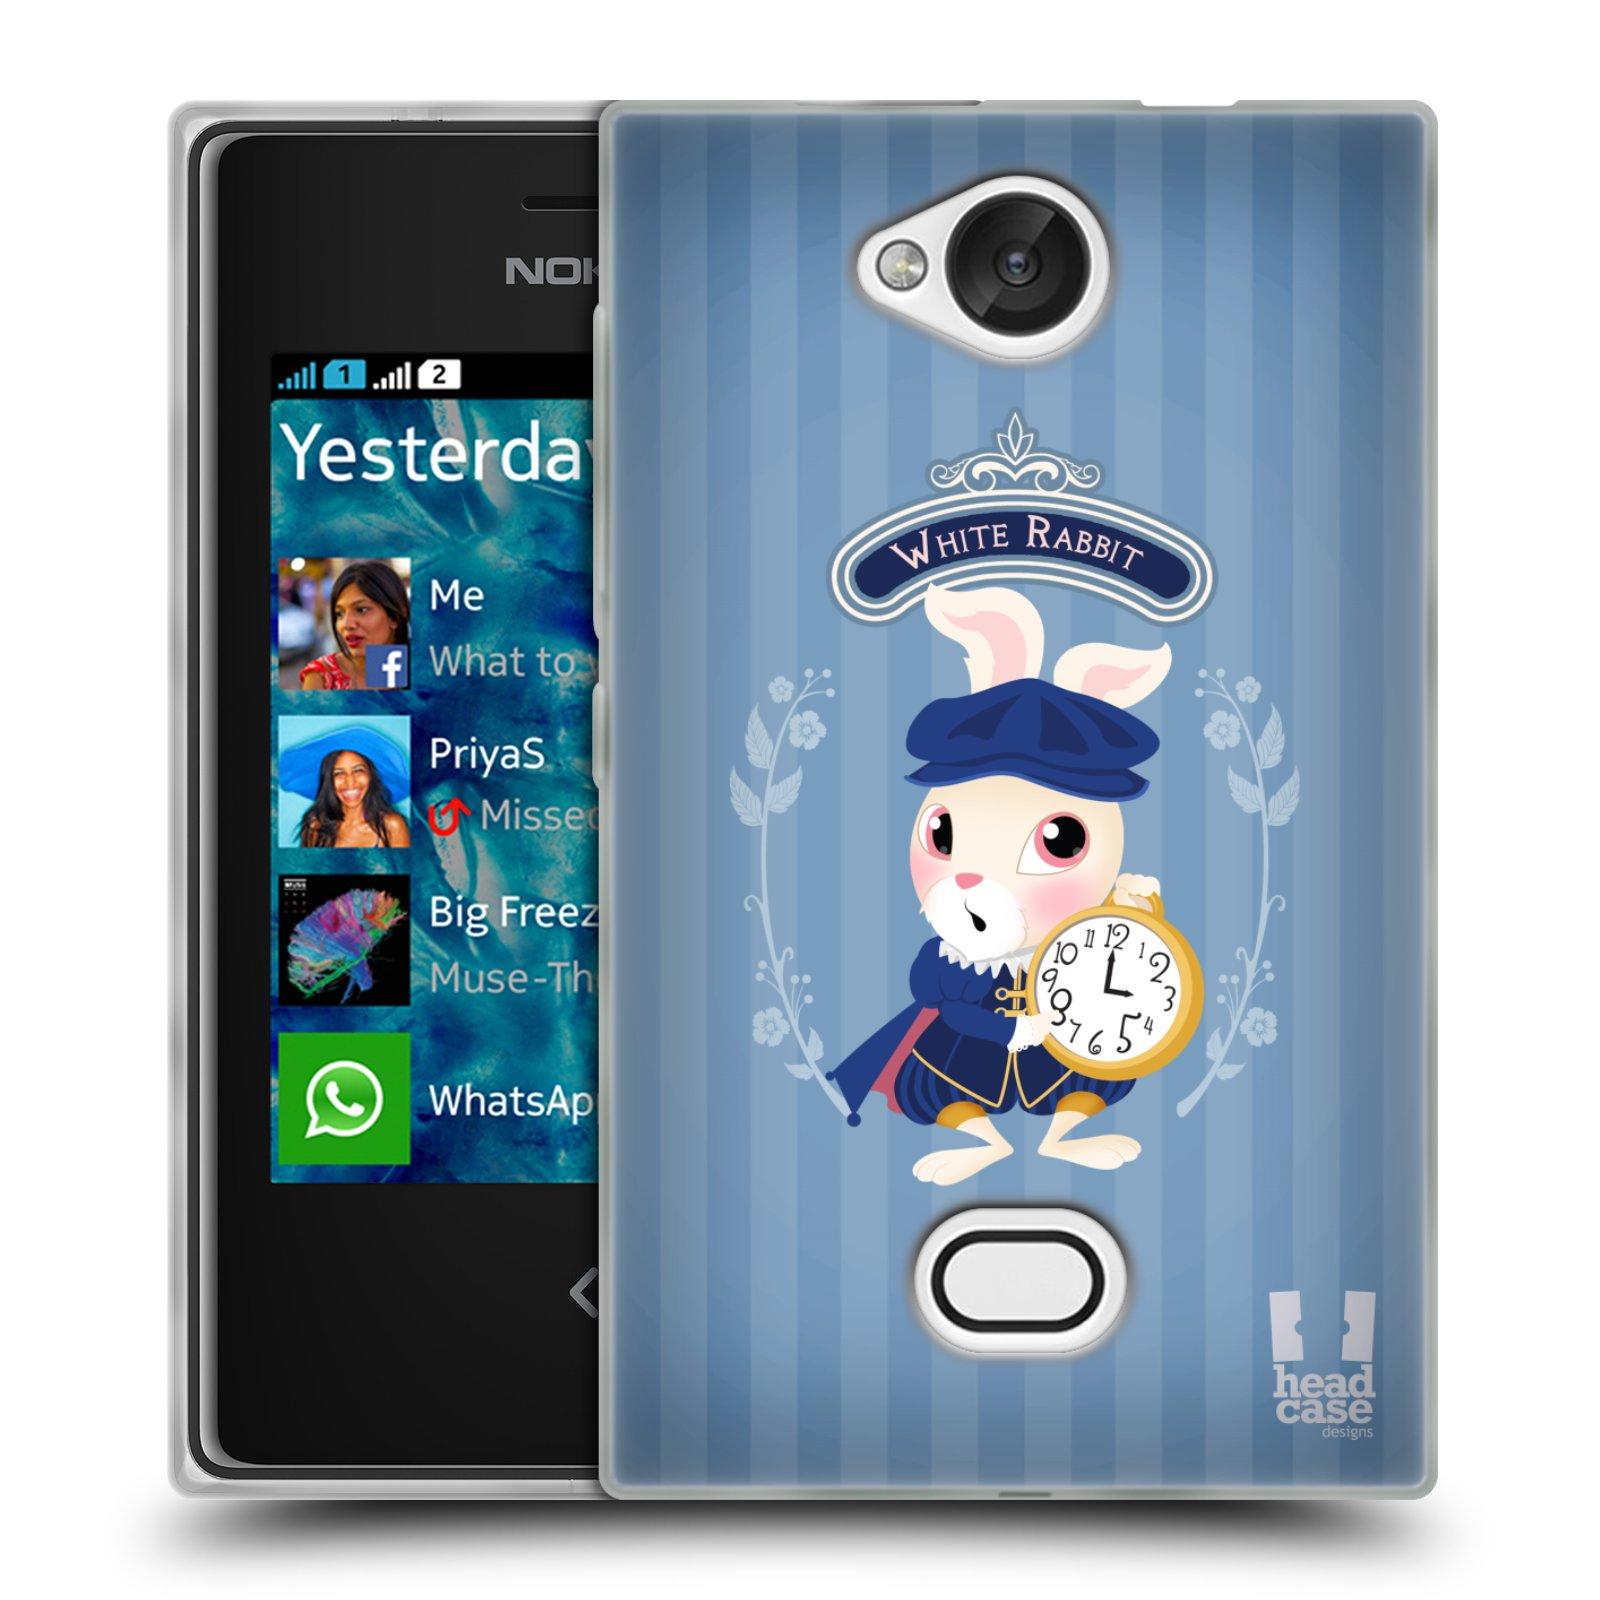 HEAD CASE silikonový obal na mobil NOKIA Asha 503 vzor Alenka v říši divů králíček